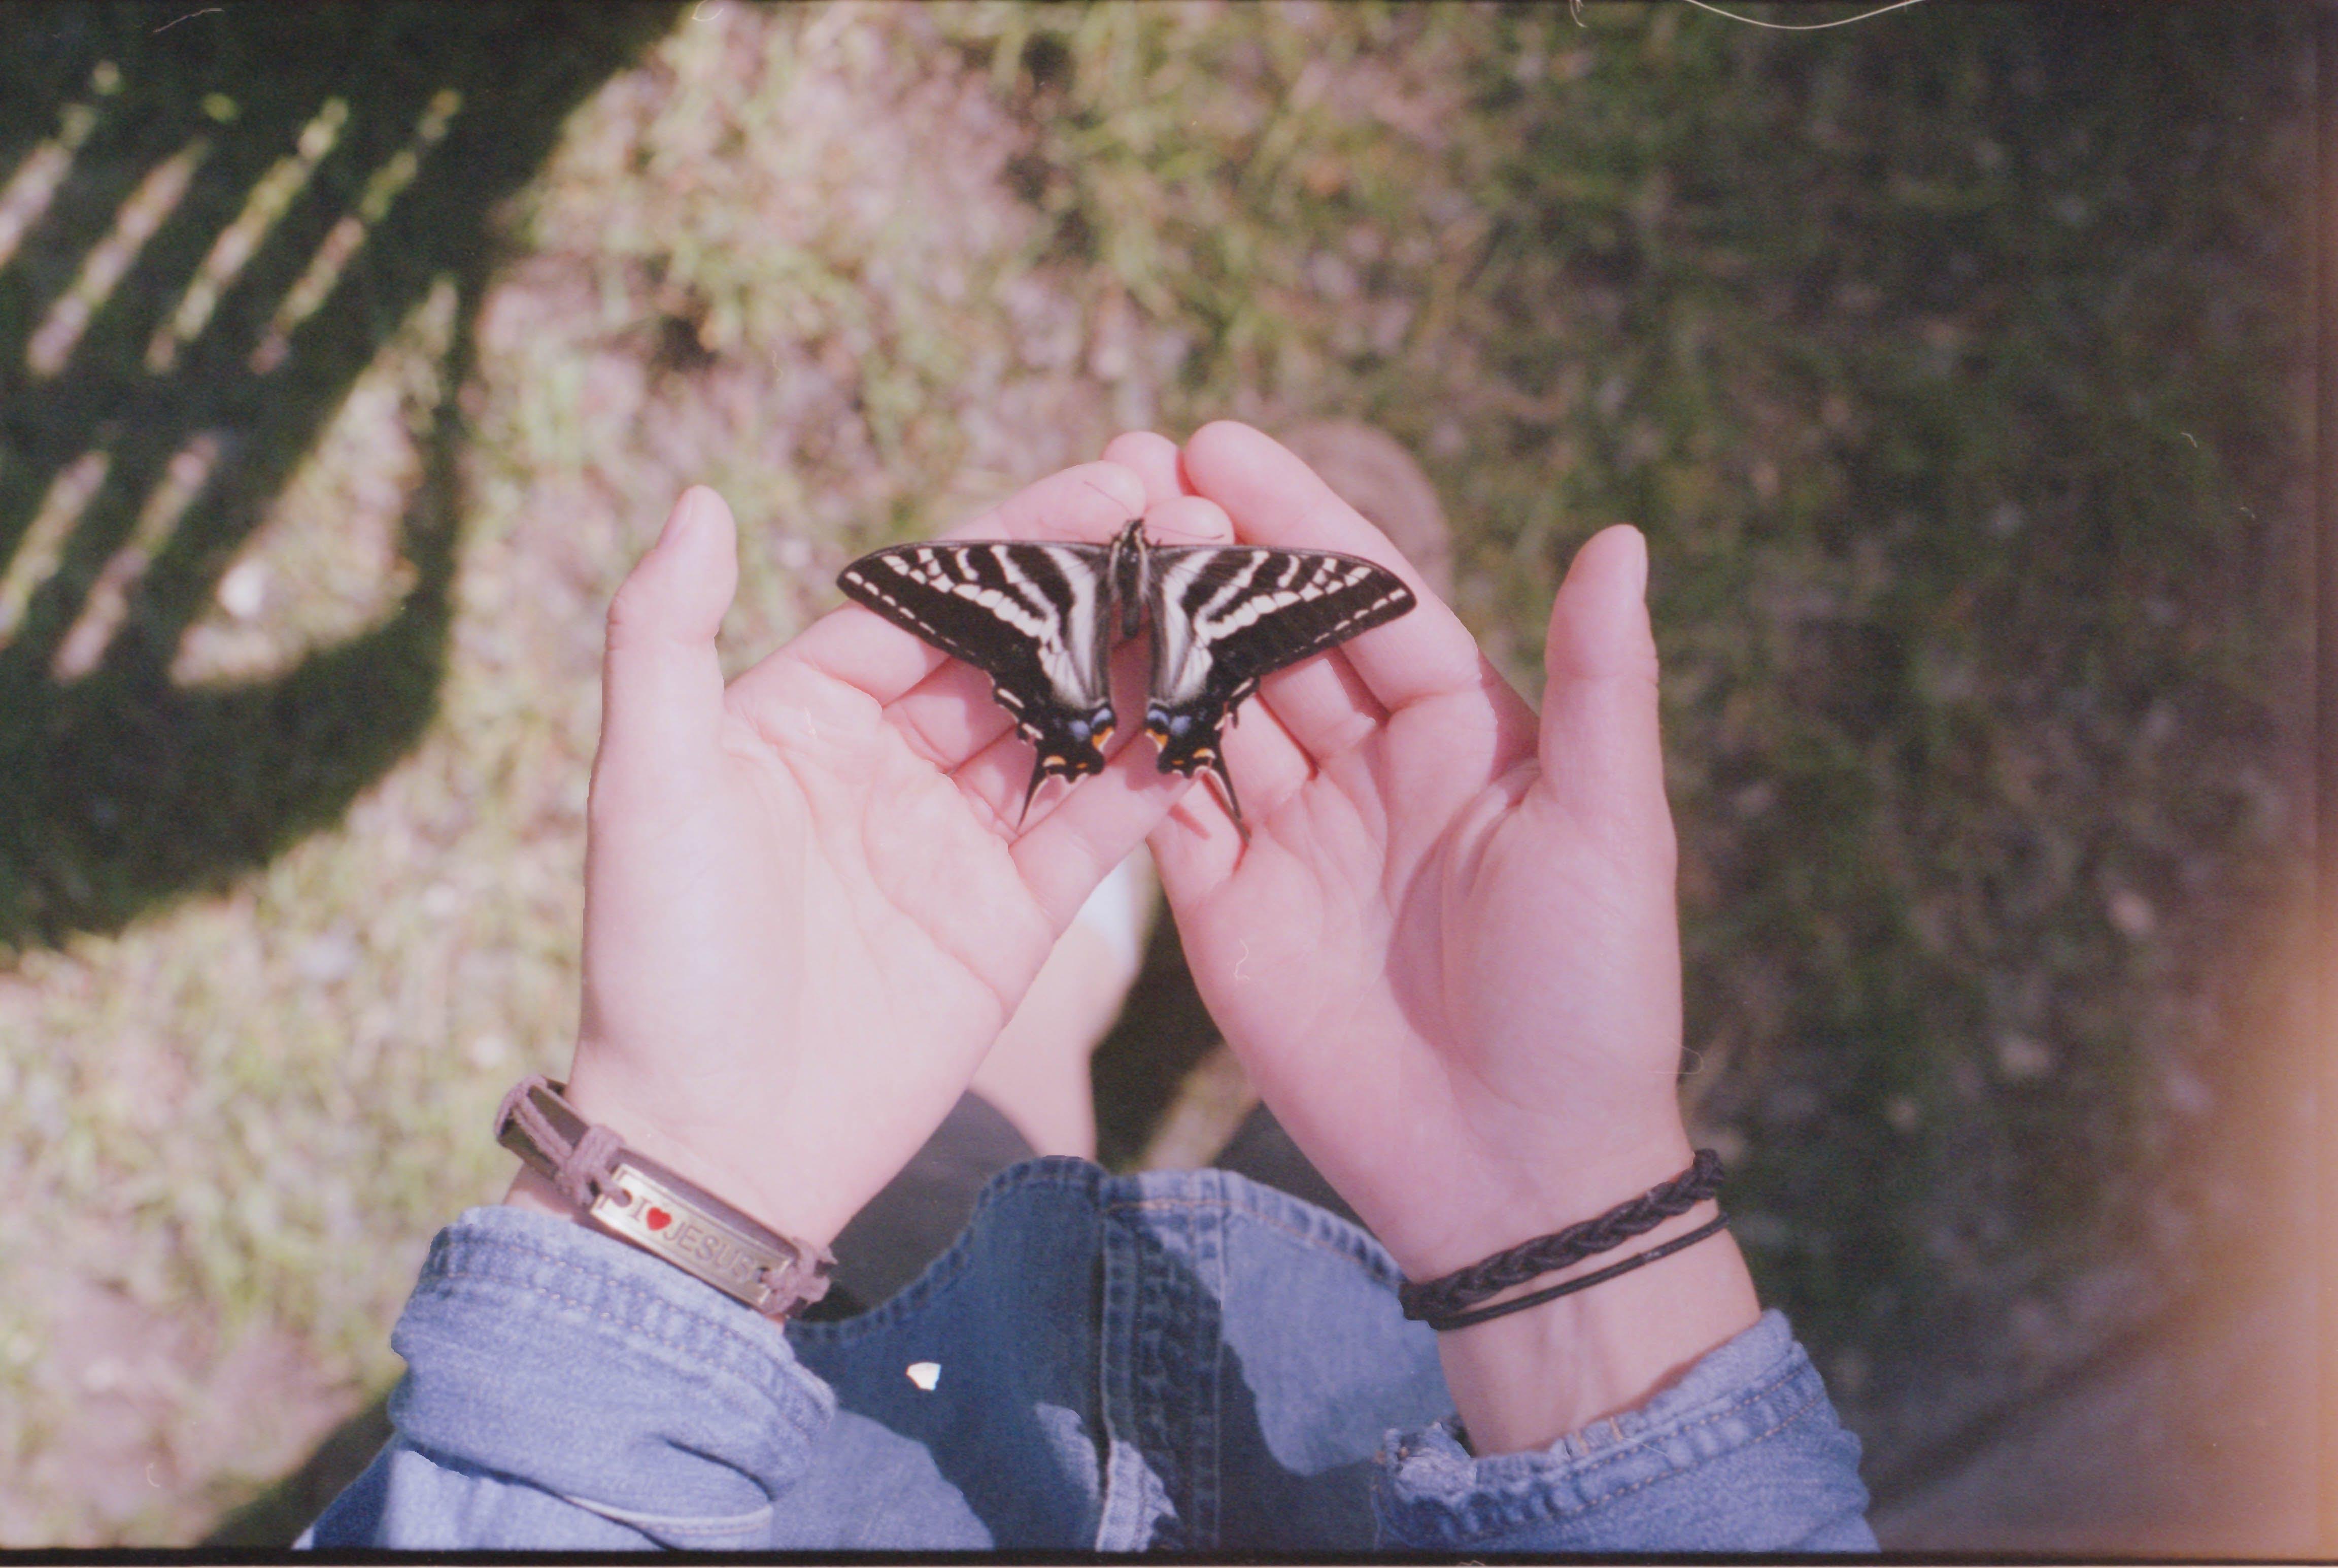 Δωρεάν στοκ φωτογραφιών με vintage, καλοκαίρι, πεταλούδα, ταινία